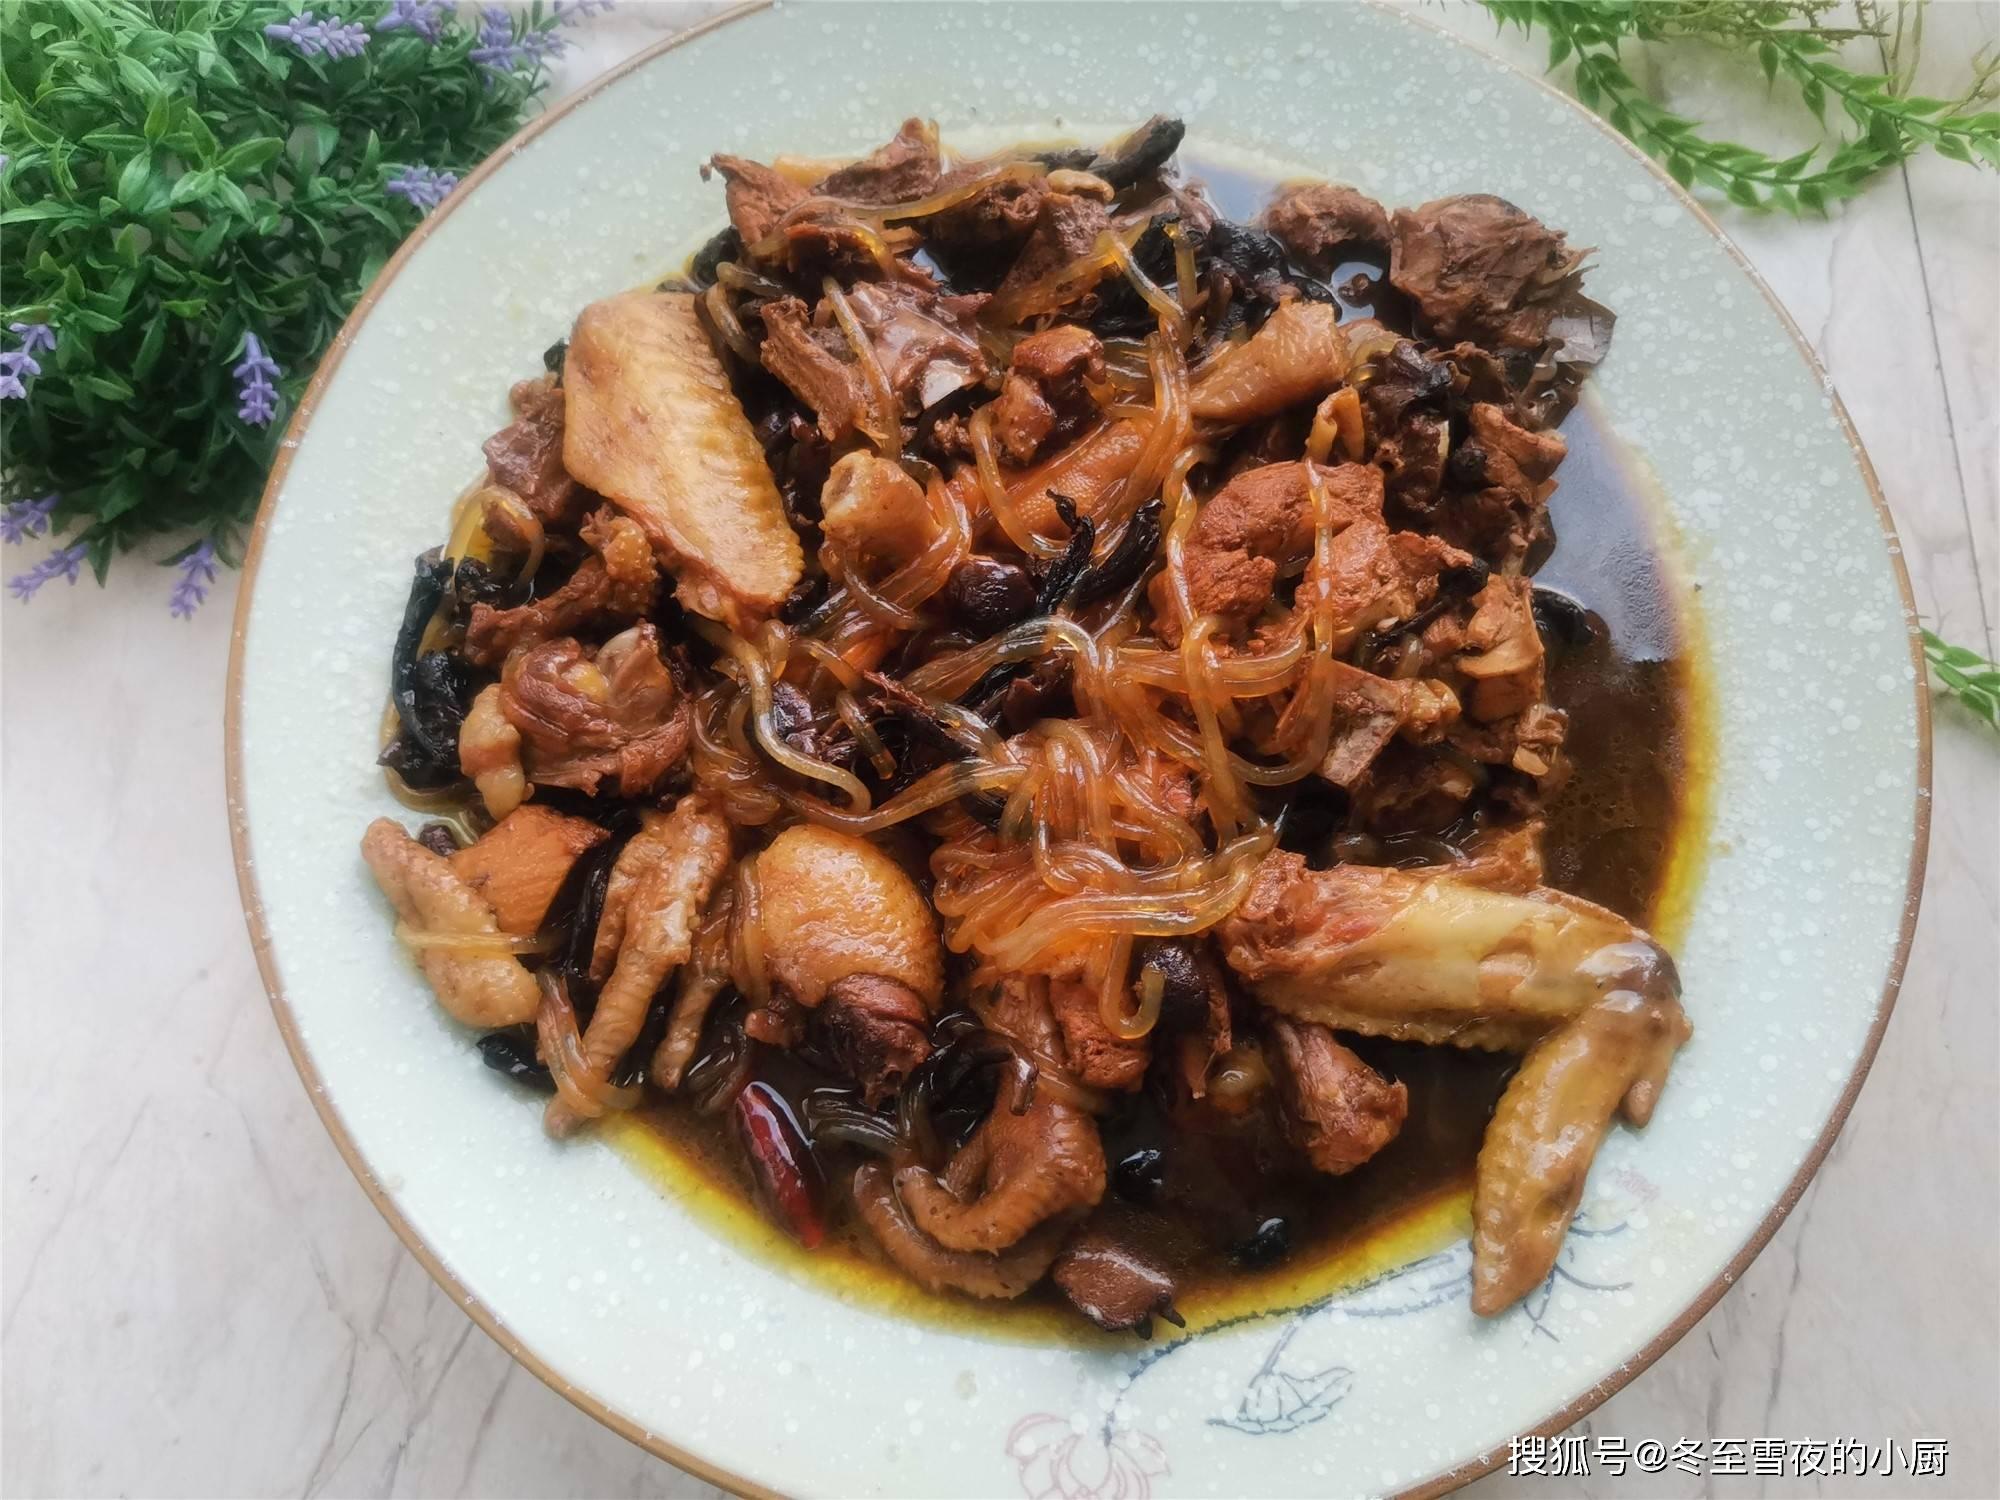 原创元旦家宴,家人团聚,12道东北家常菜,好吃又实惠,家的味道